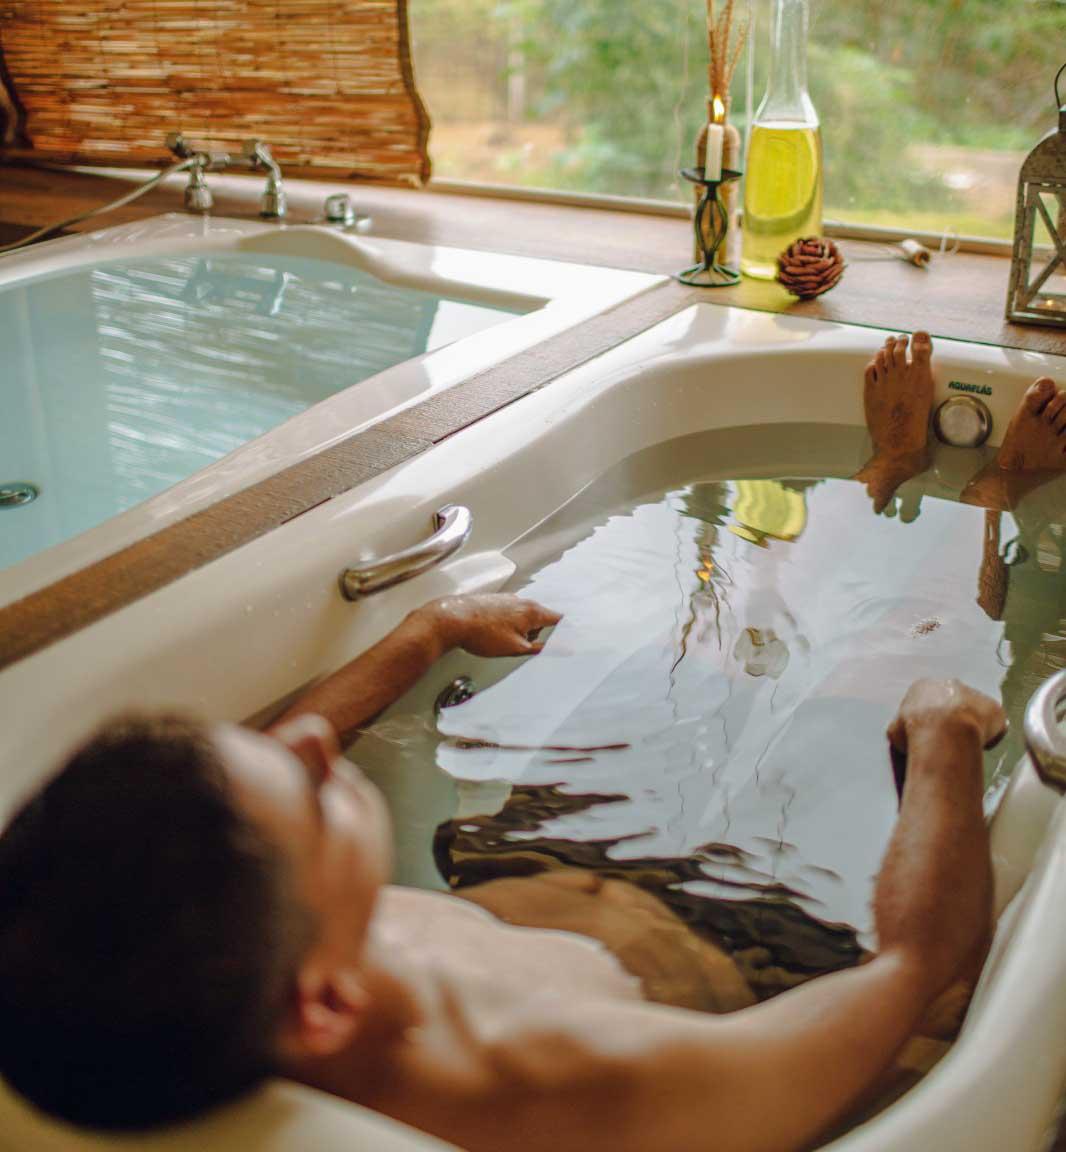 A hot hydrotherapy full body bath